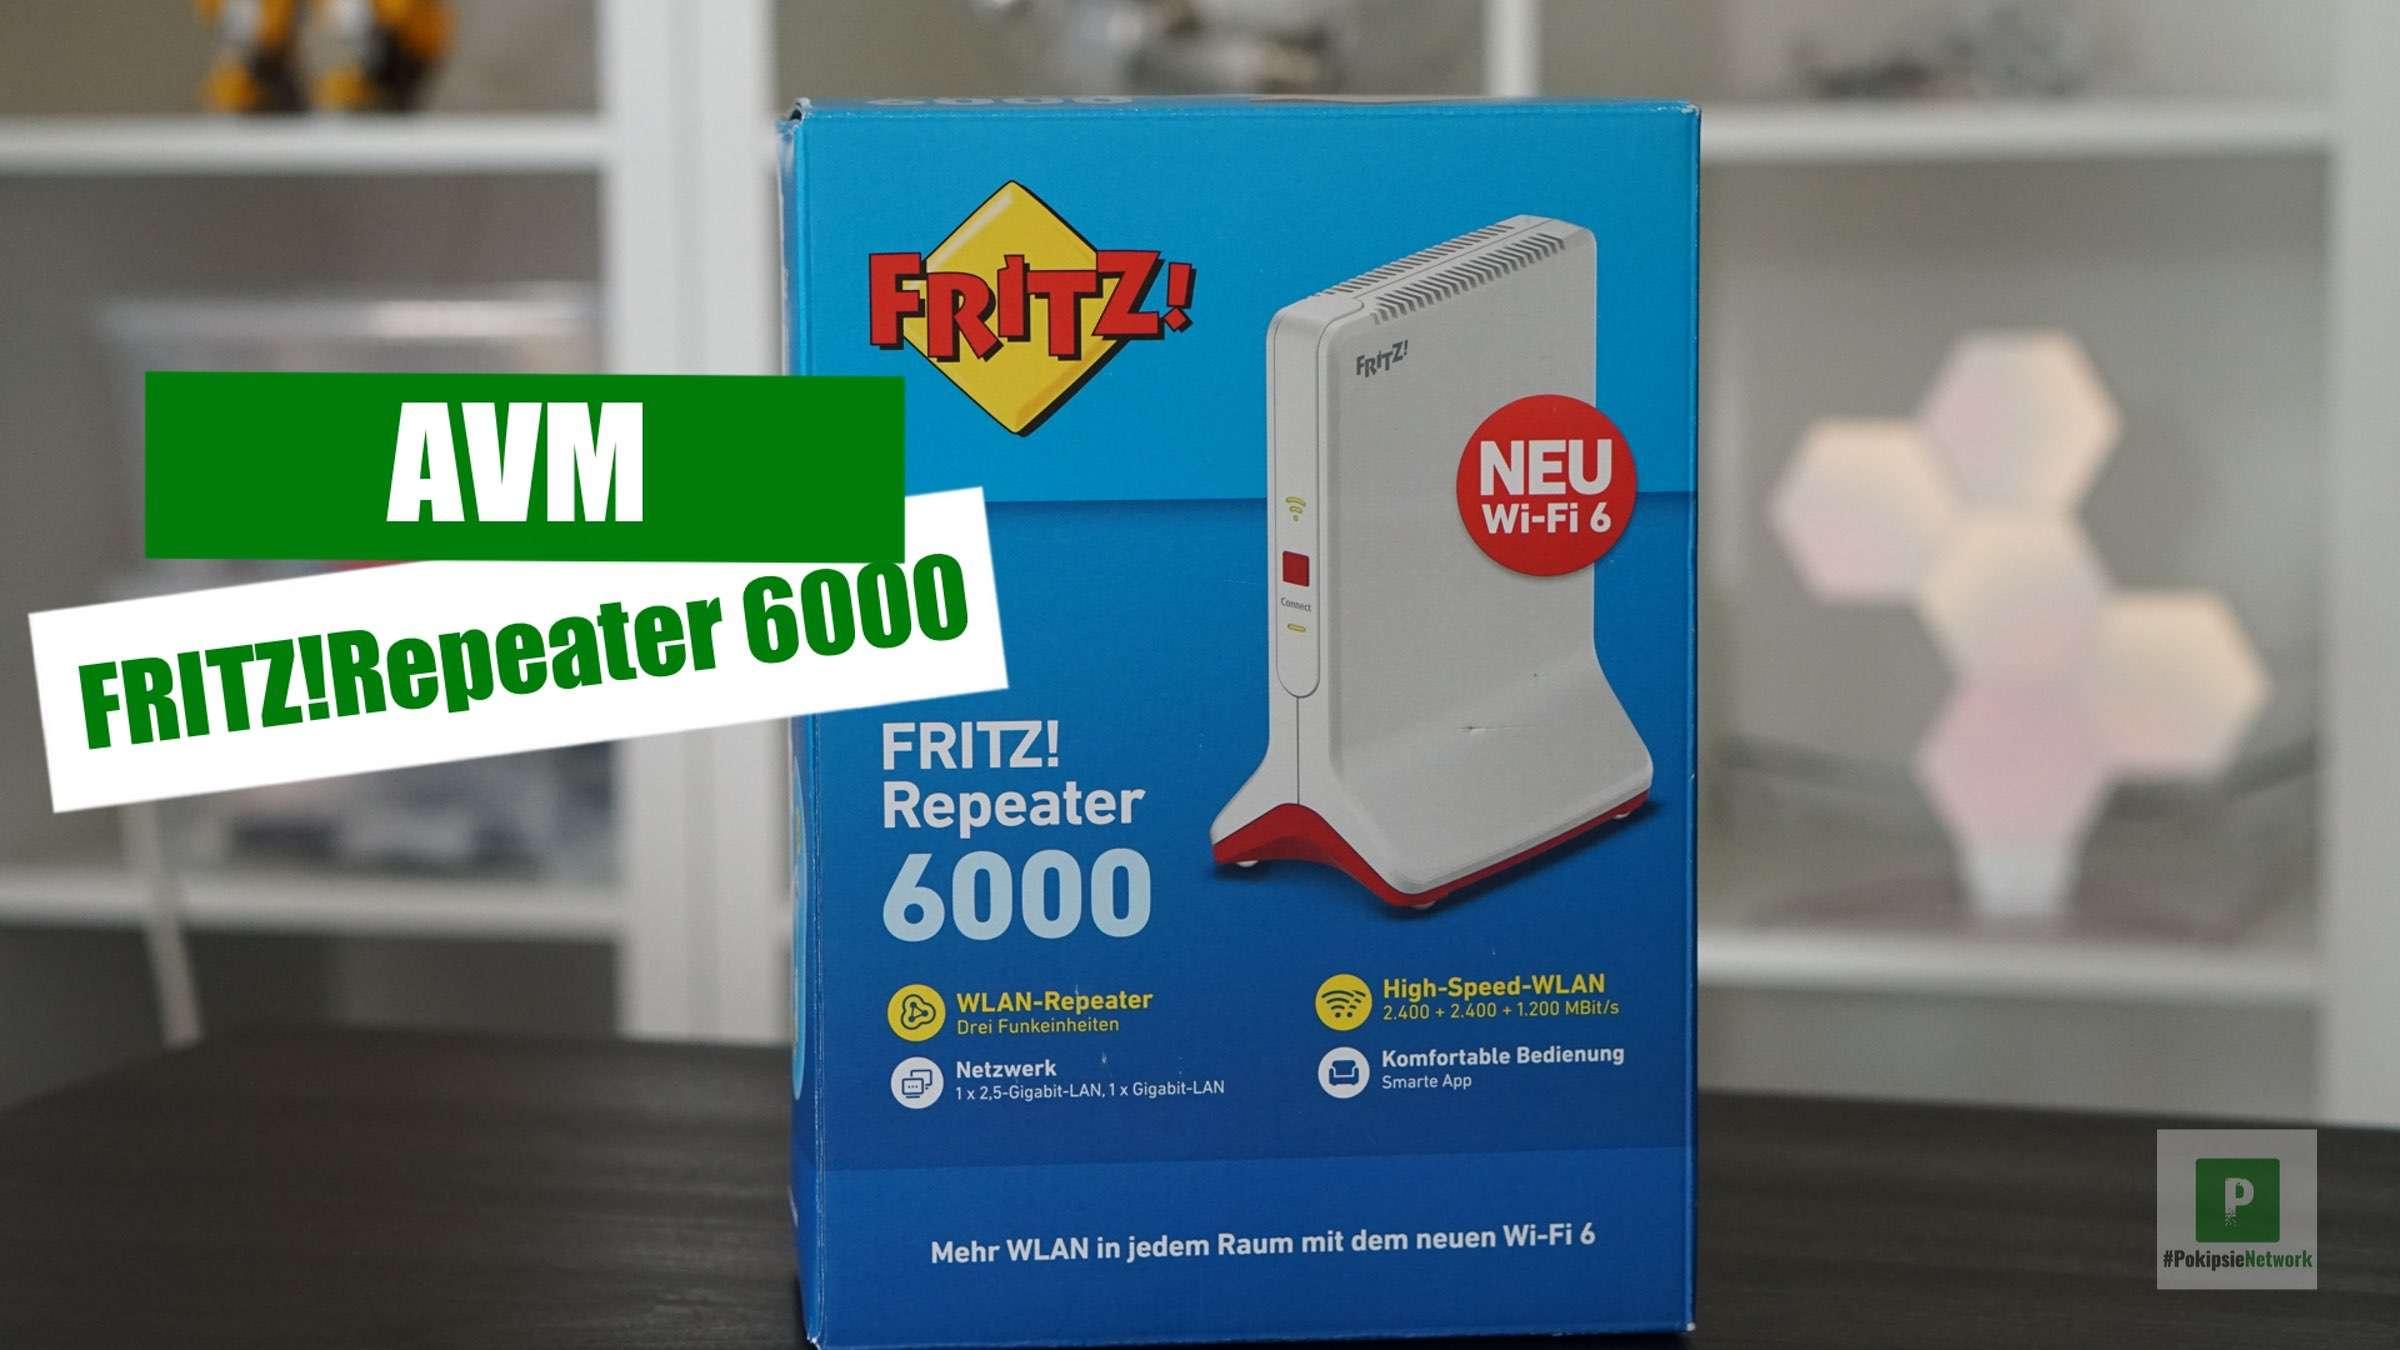 AVM - FRITZ!Repeater 6000